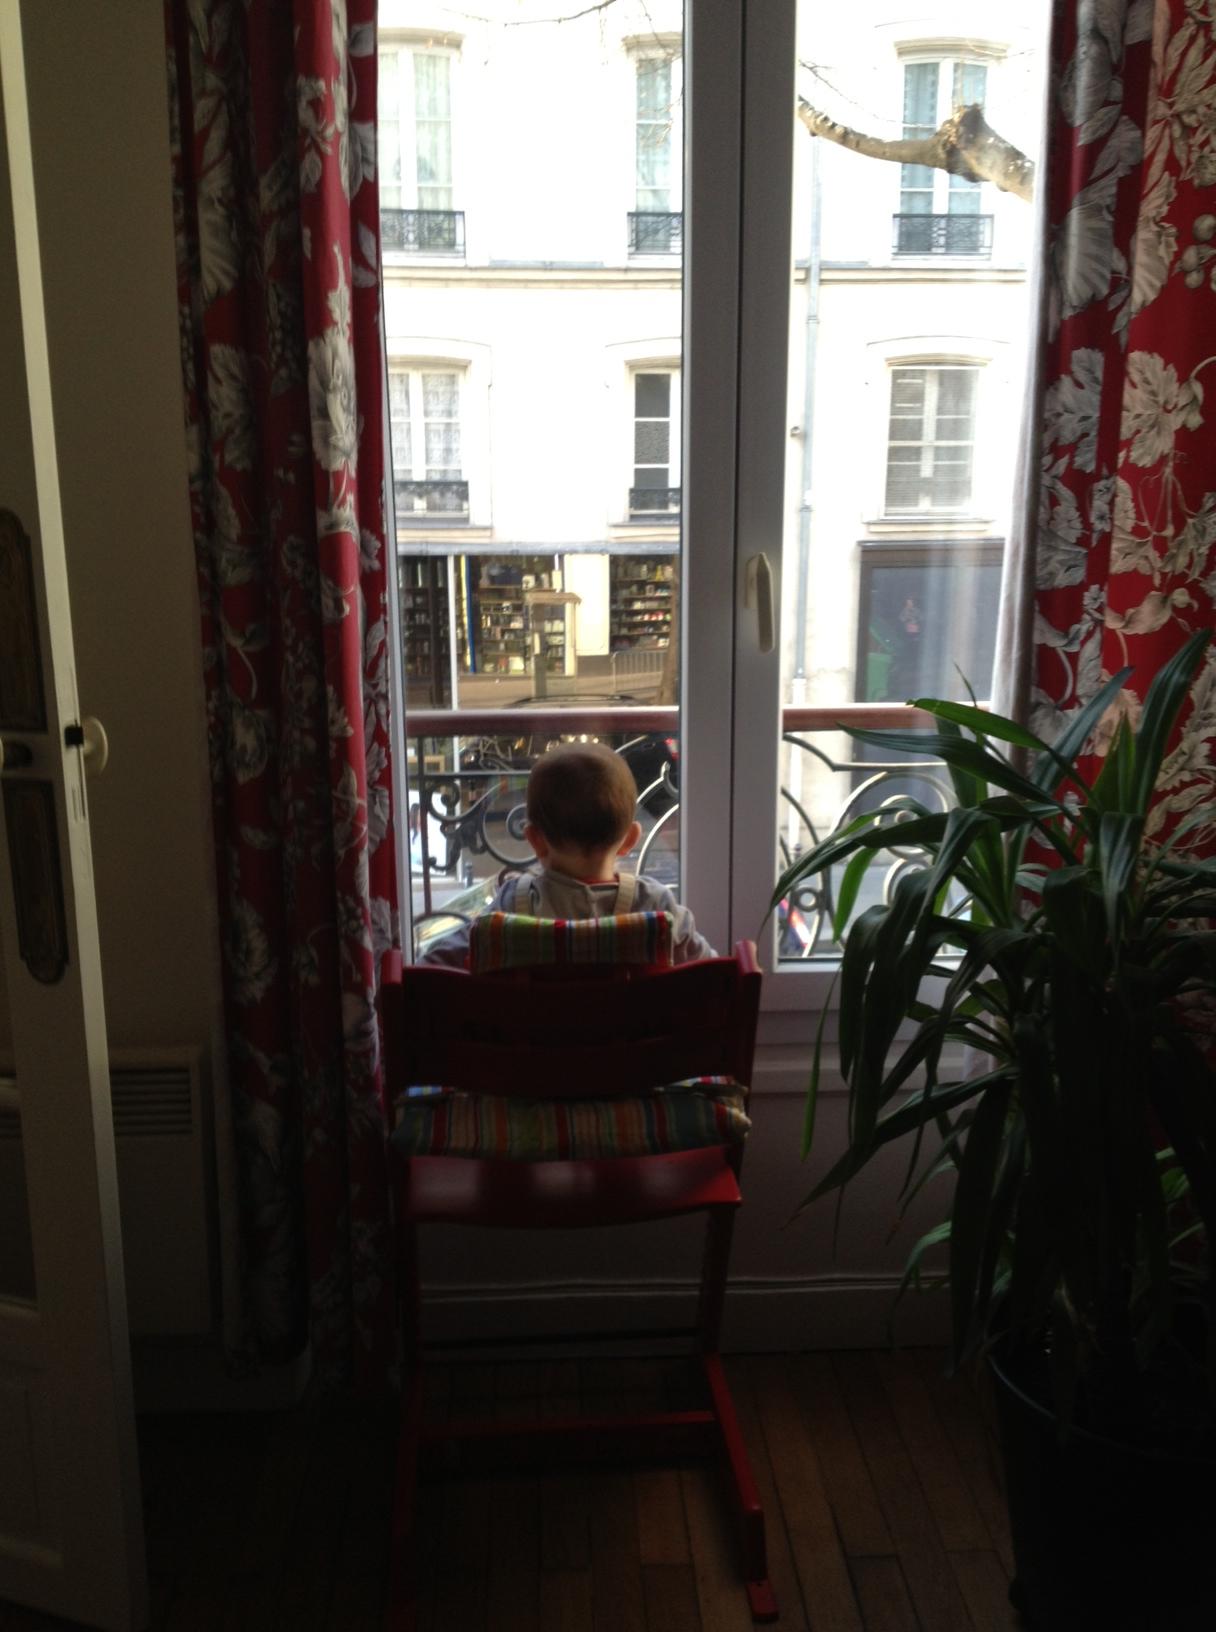 dans ma maison r ponse marjoliemaman paris pages blog. Black Bedroom Furniture Sets. Home Design Ideas